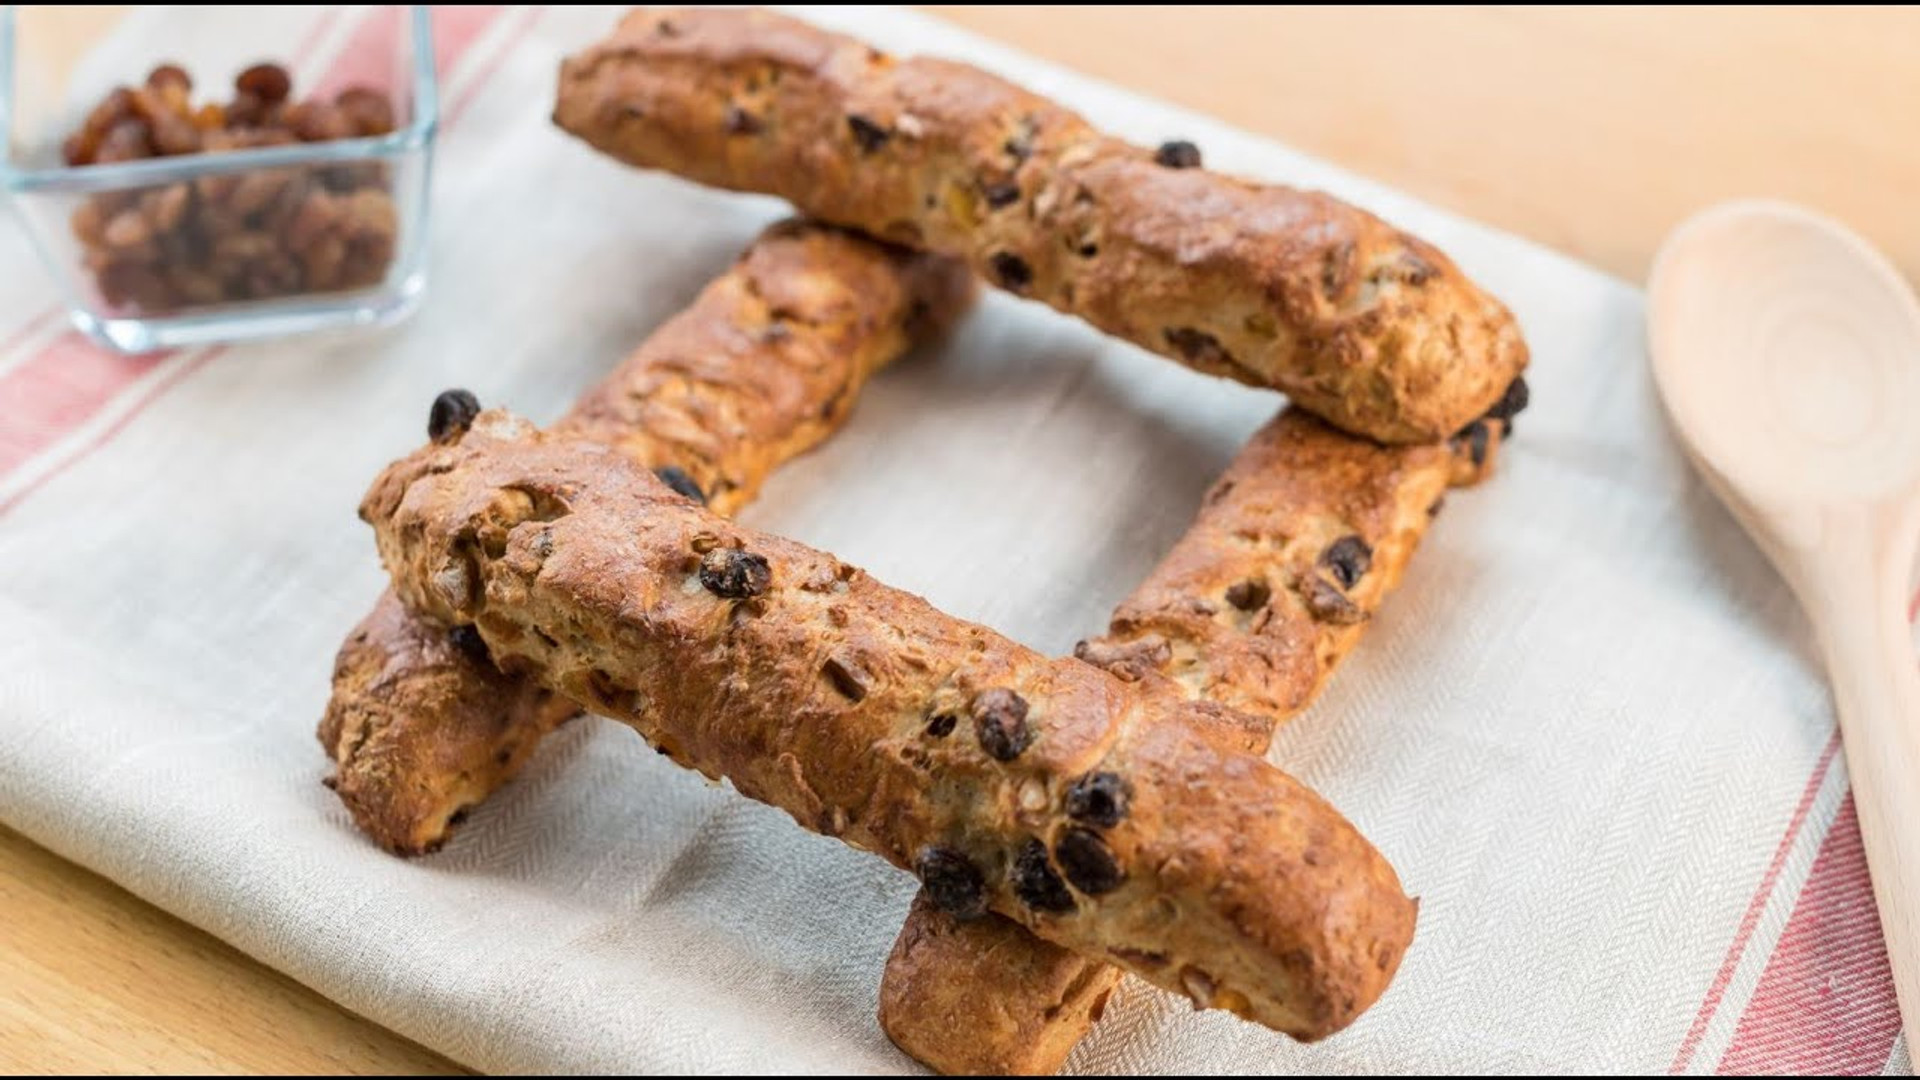 Receta de barritas de pan con muesli - Levanova